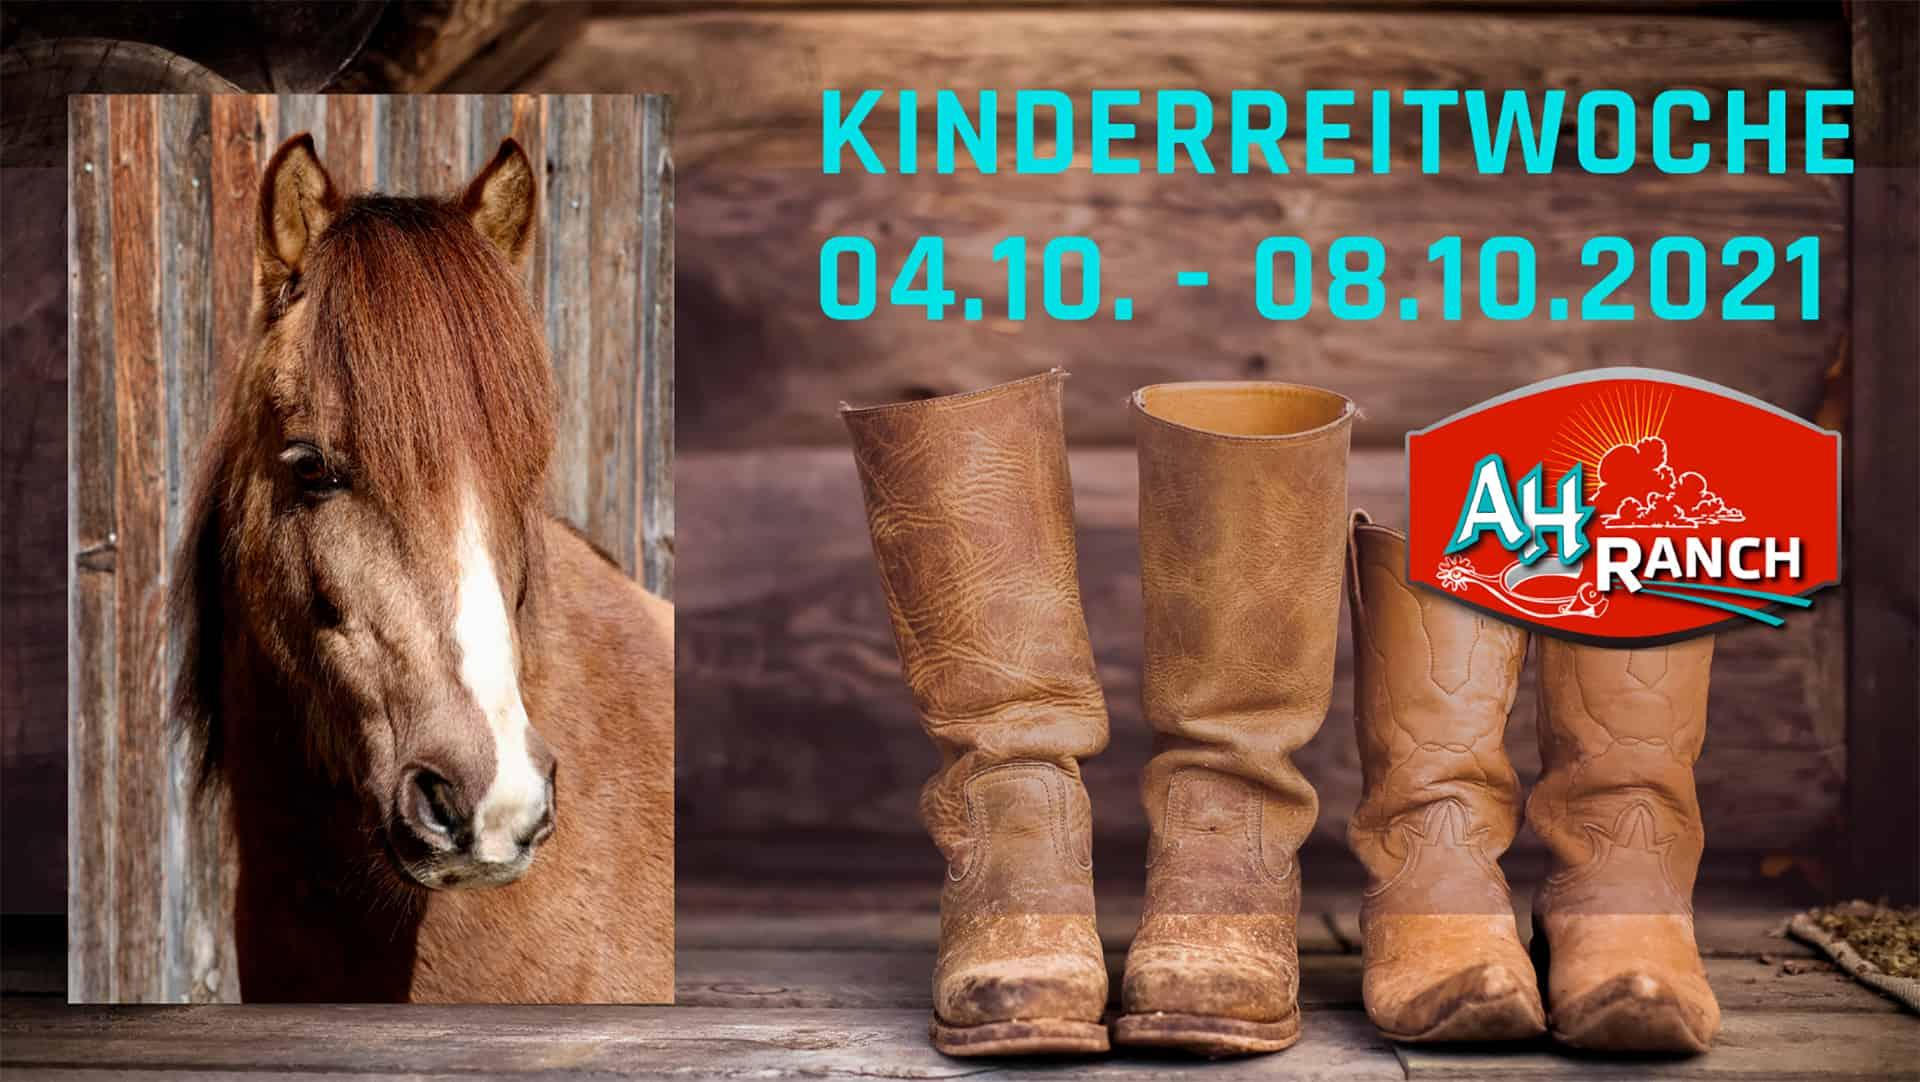 AH Ranch - Westernreiten Schweiz - Kinderwoche 04.-08.10.2021